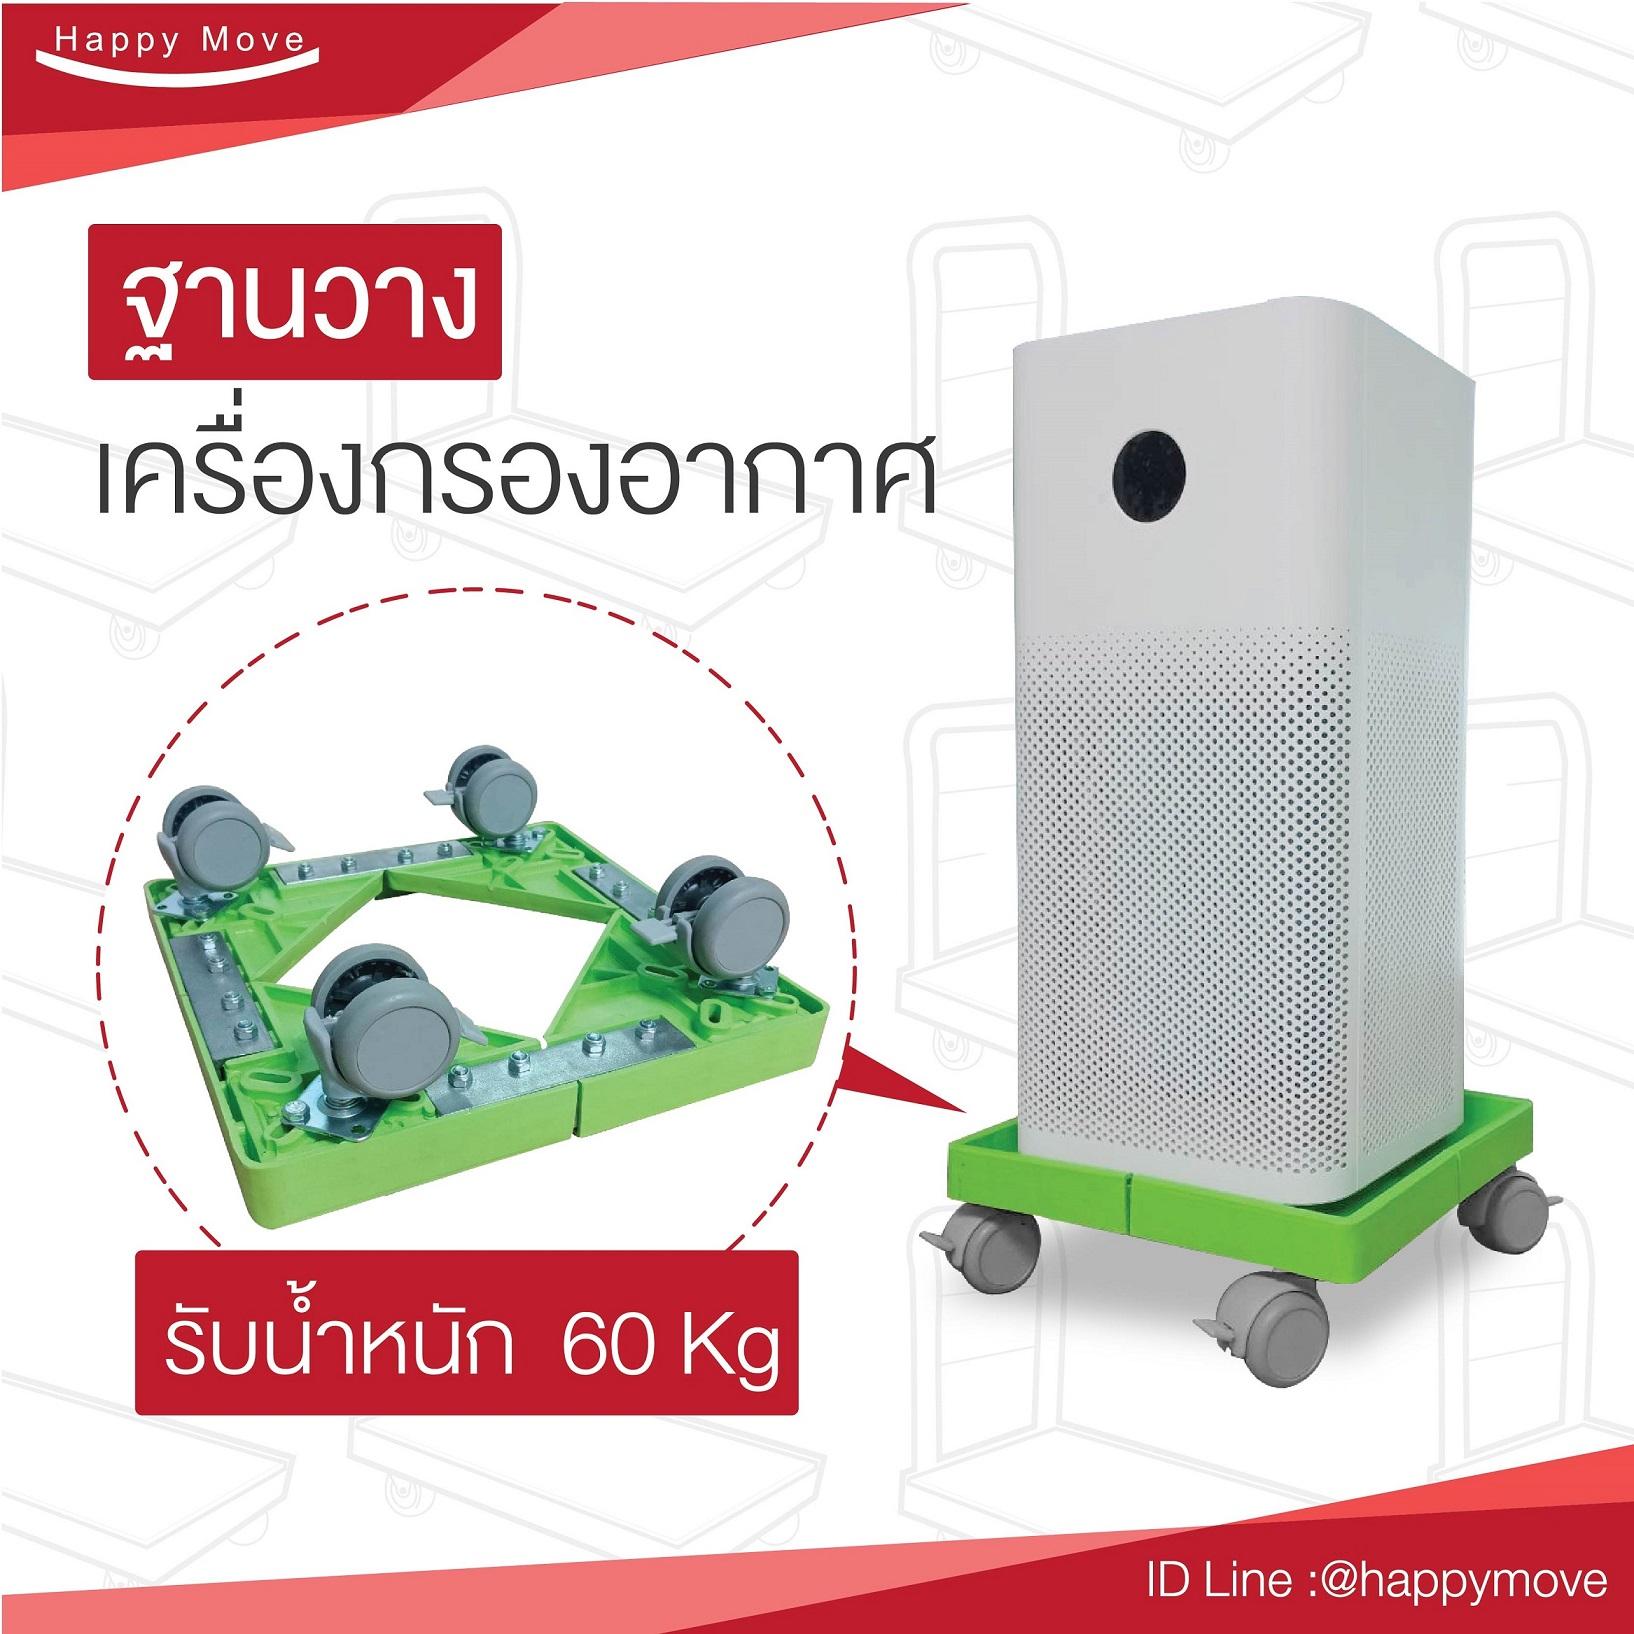 ฐานติดล้อวางเครื่องฟอกอากาศXiaomi rollerได้ ใส่ล้อแบบล็อกล้อได้ Happy Move 54561